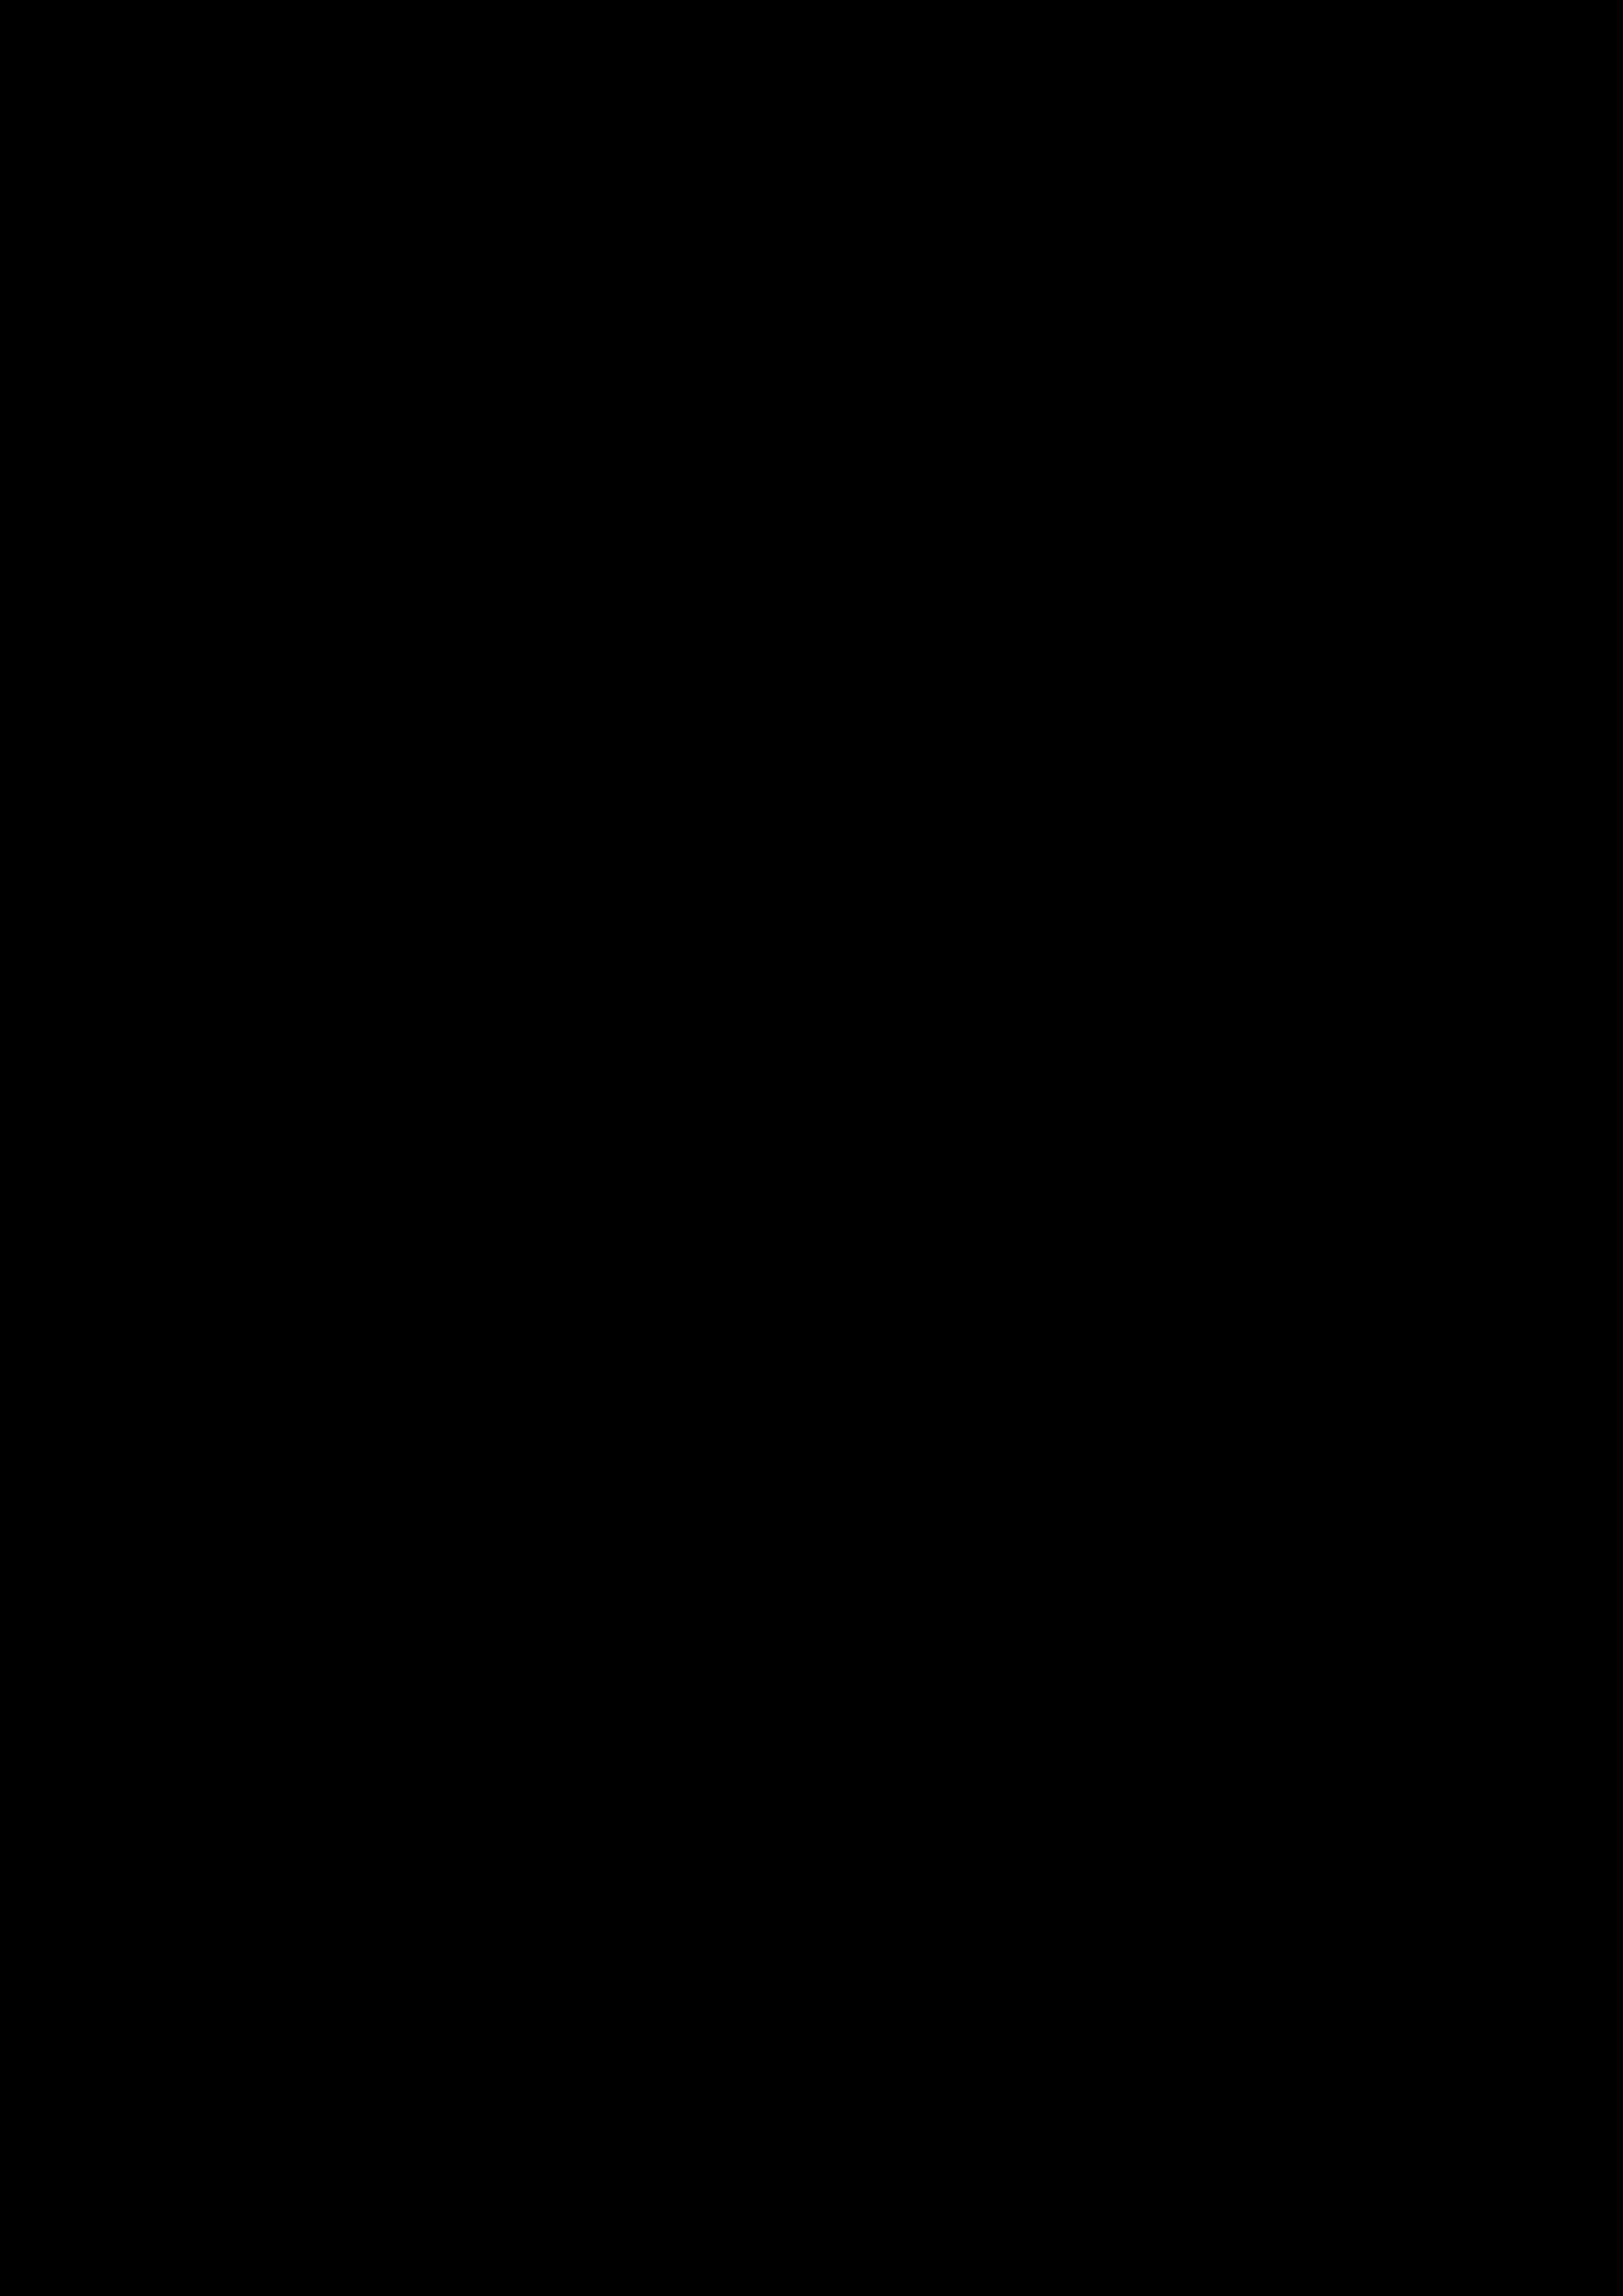 FCH250高功率电阻_页面_1.jpg